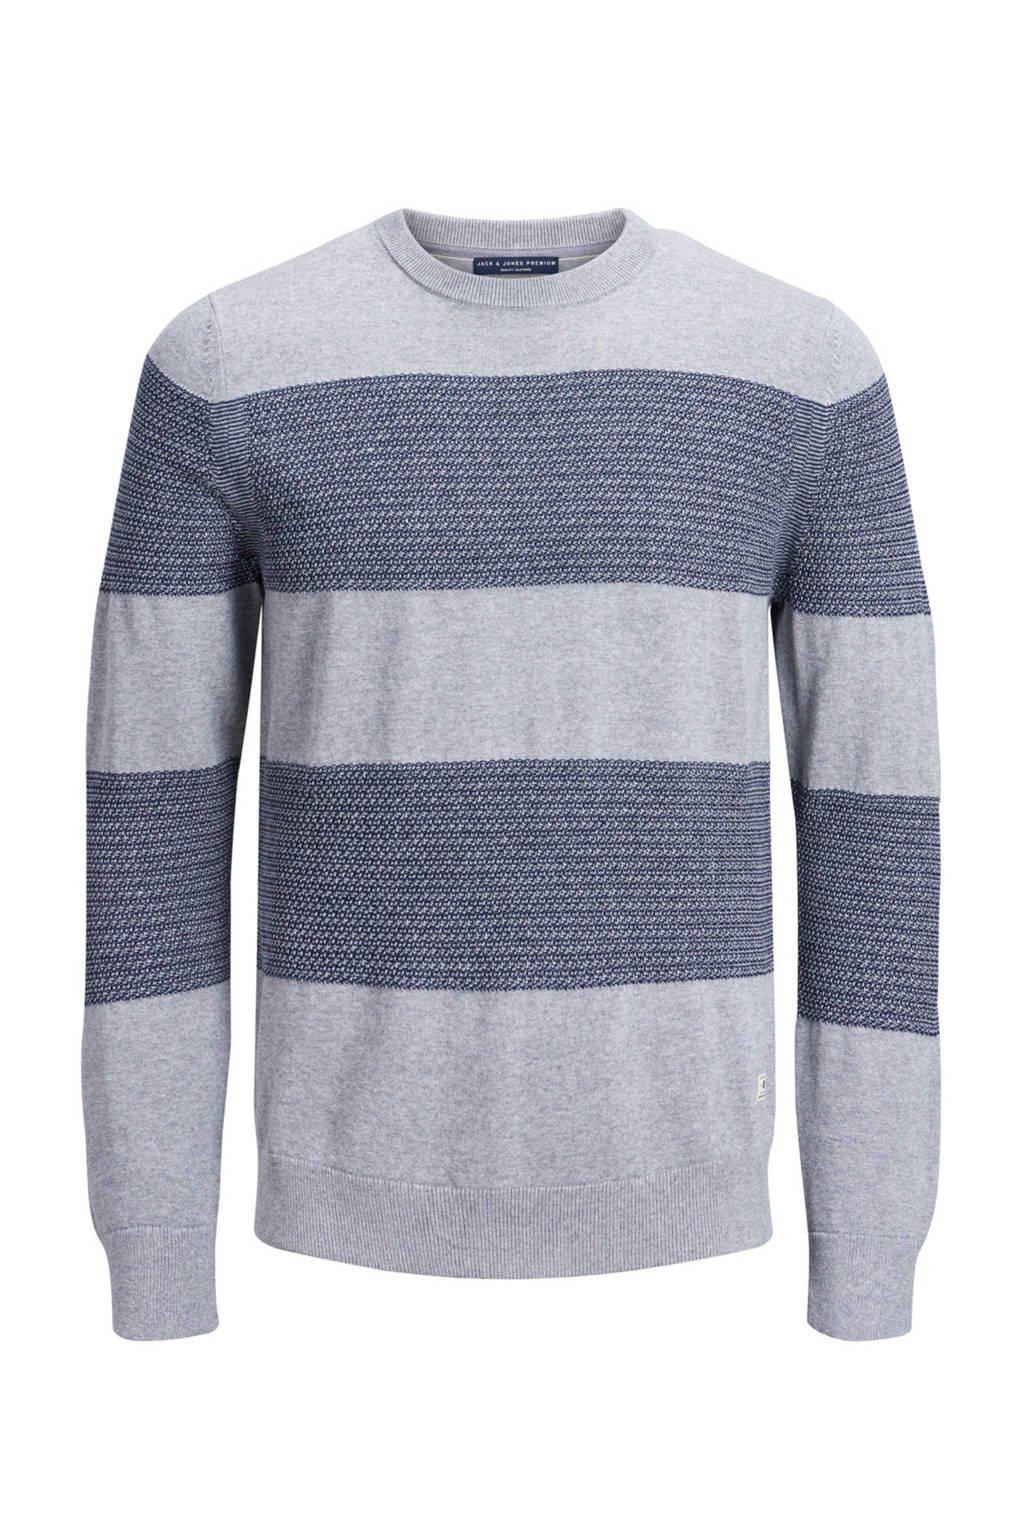 Jack & Jones Originals pullover, Grijs